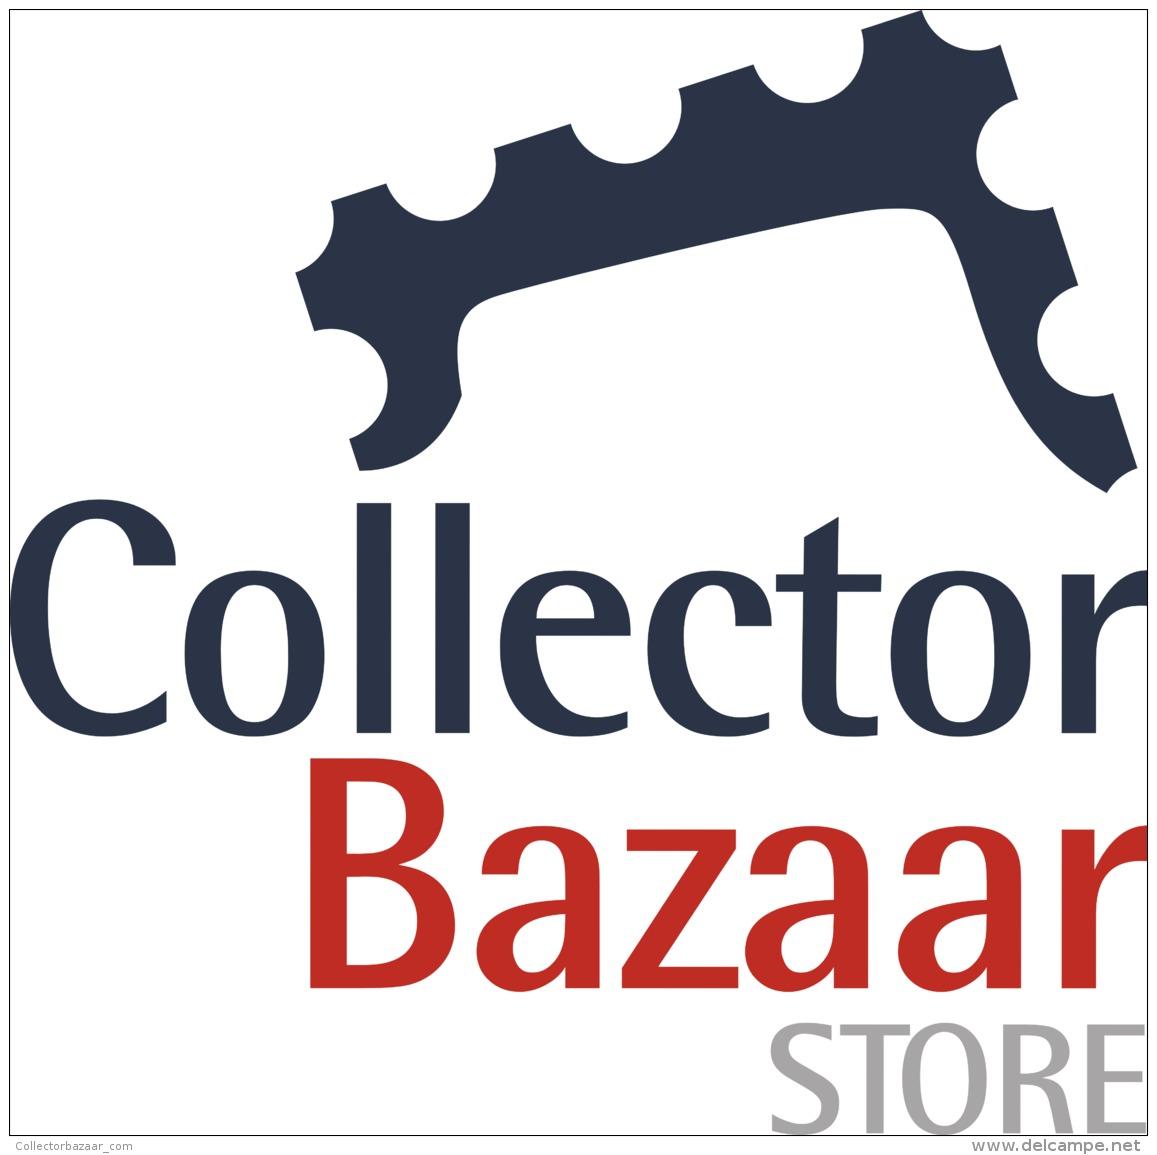 collectorbazaar_com